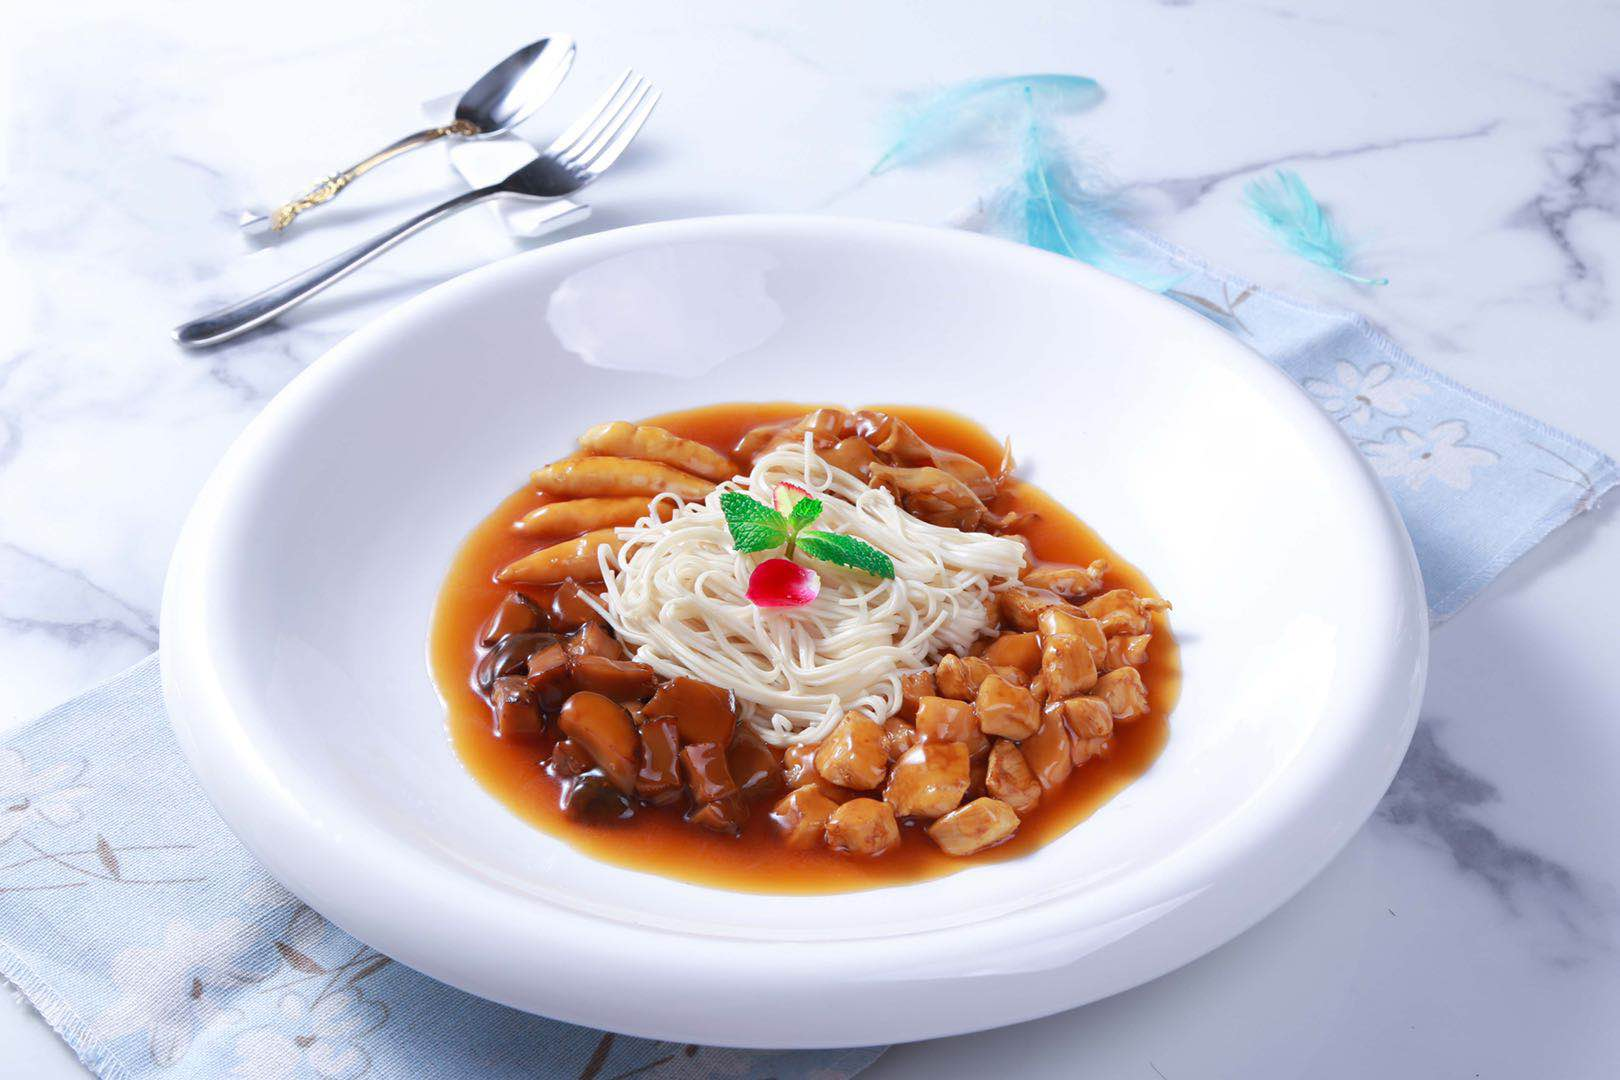 疫情当前,海皇御品推出新品料理包提高大众饮食体验